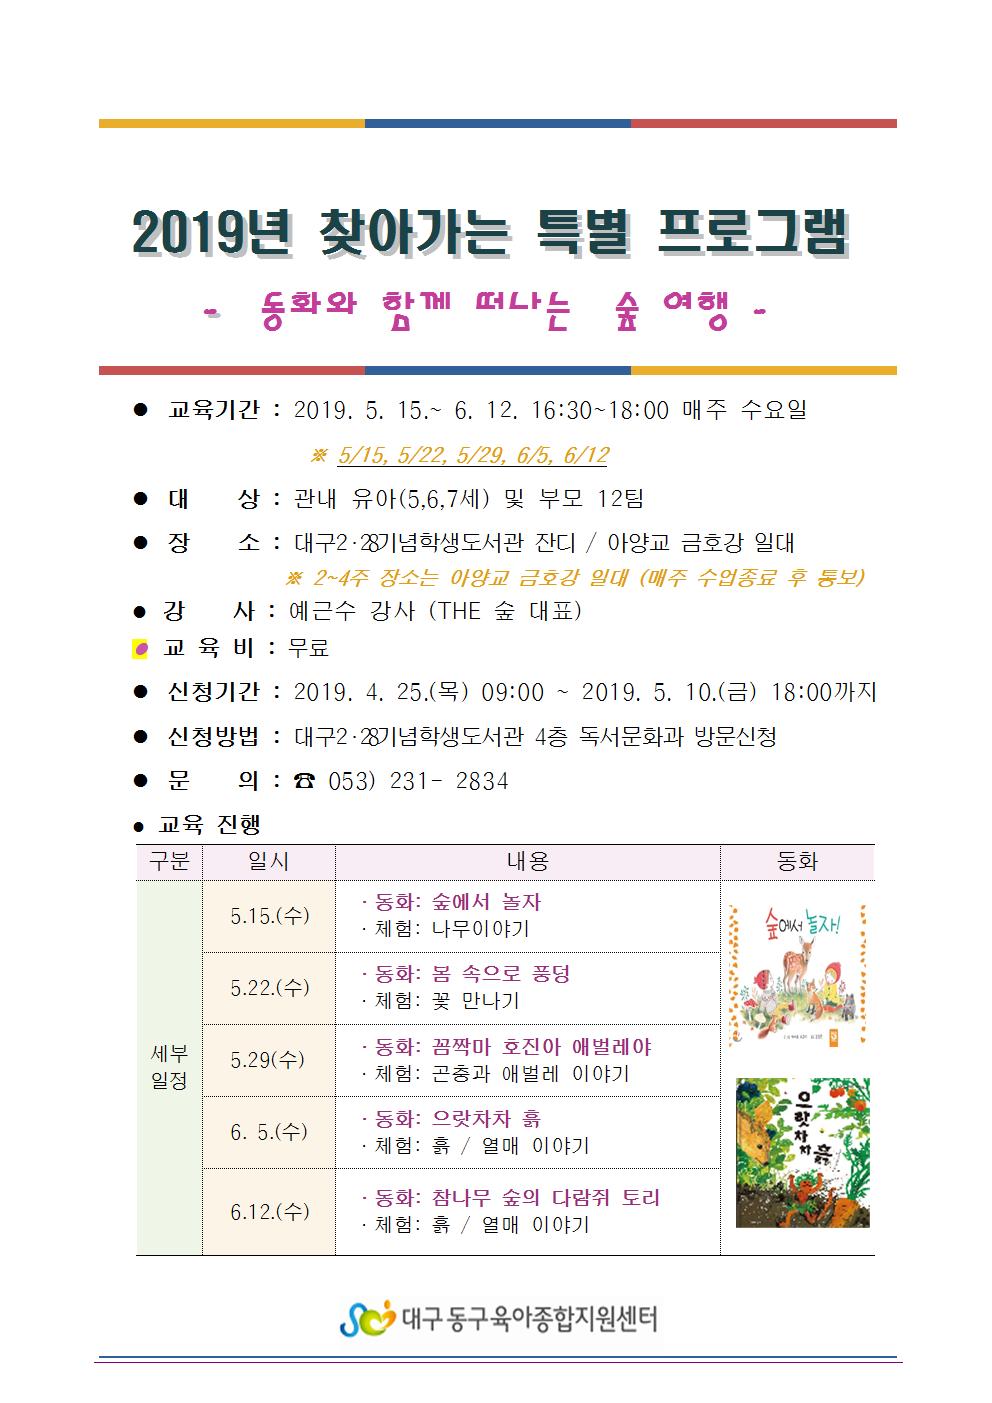 2019 부모-자녀 체험프로그램 운영 (찾아가는 특별 프로그램 )001.png